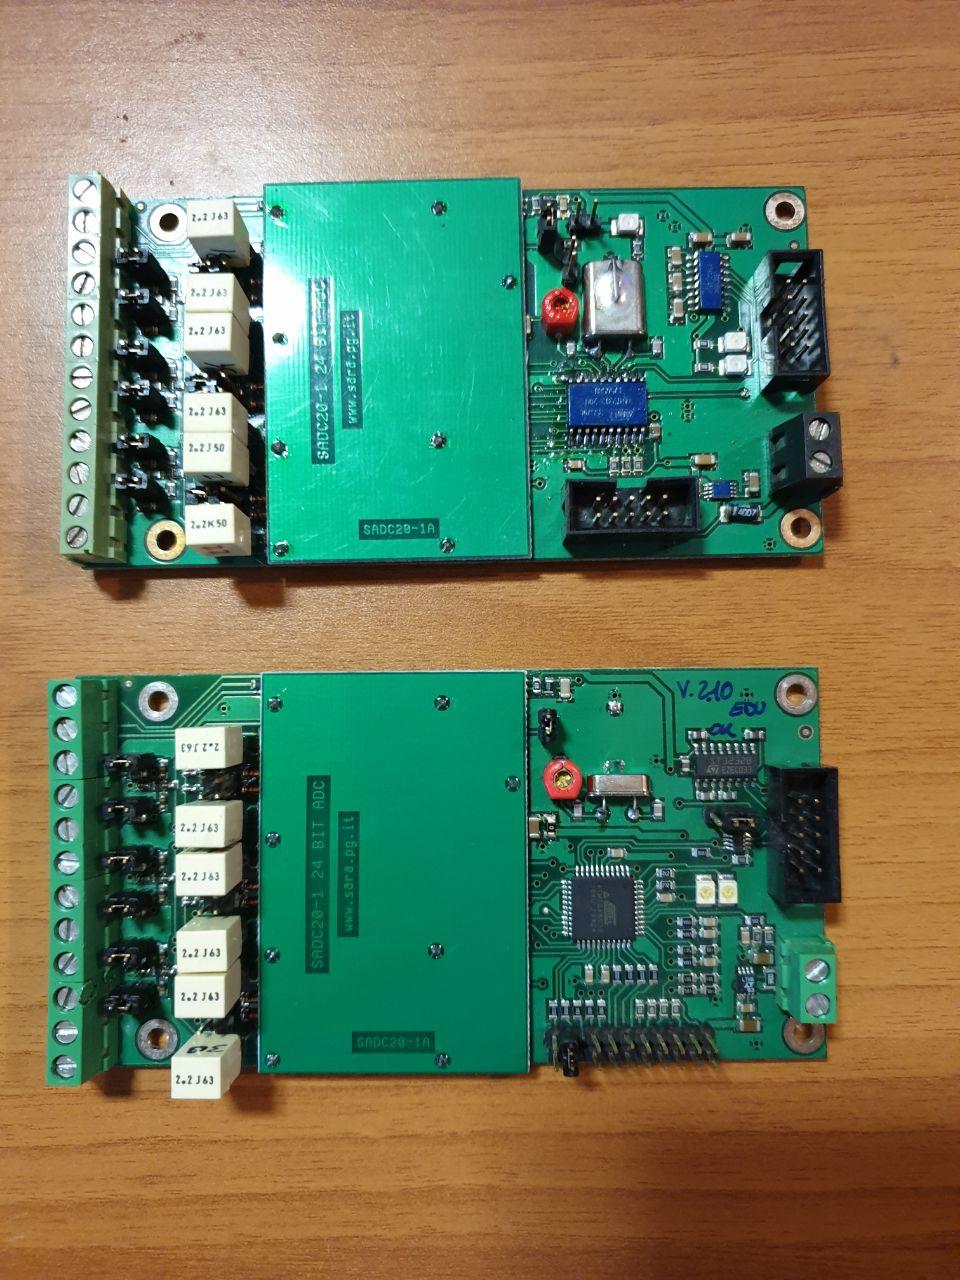 http://www.energialternativa.info/public/newforum/ForumEA/T/photo5933682179567627888.jpg